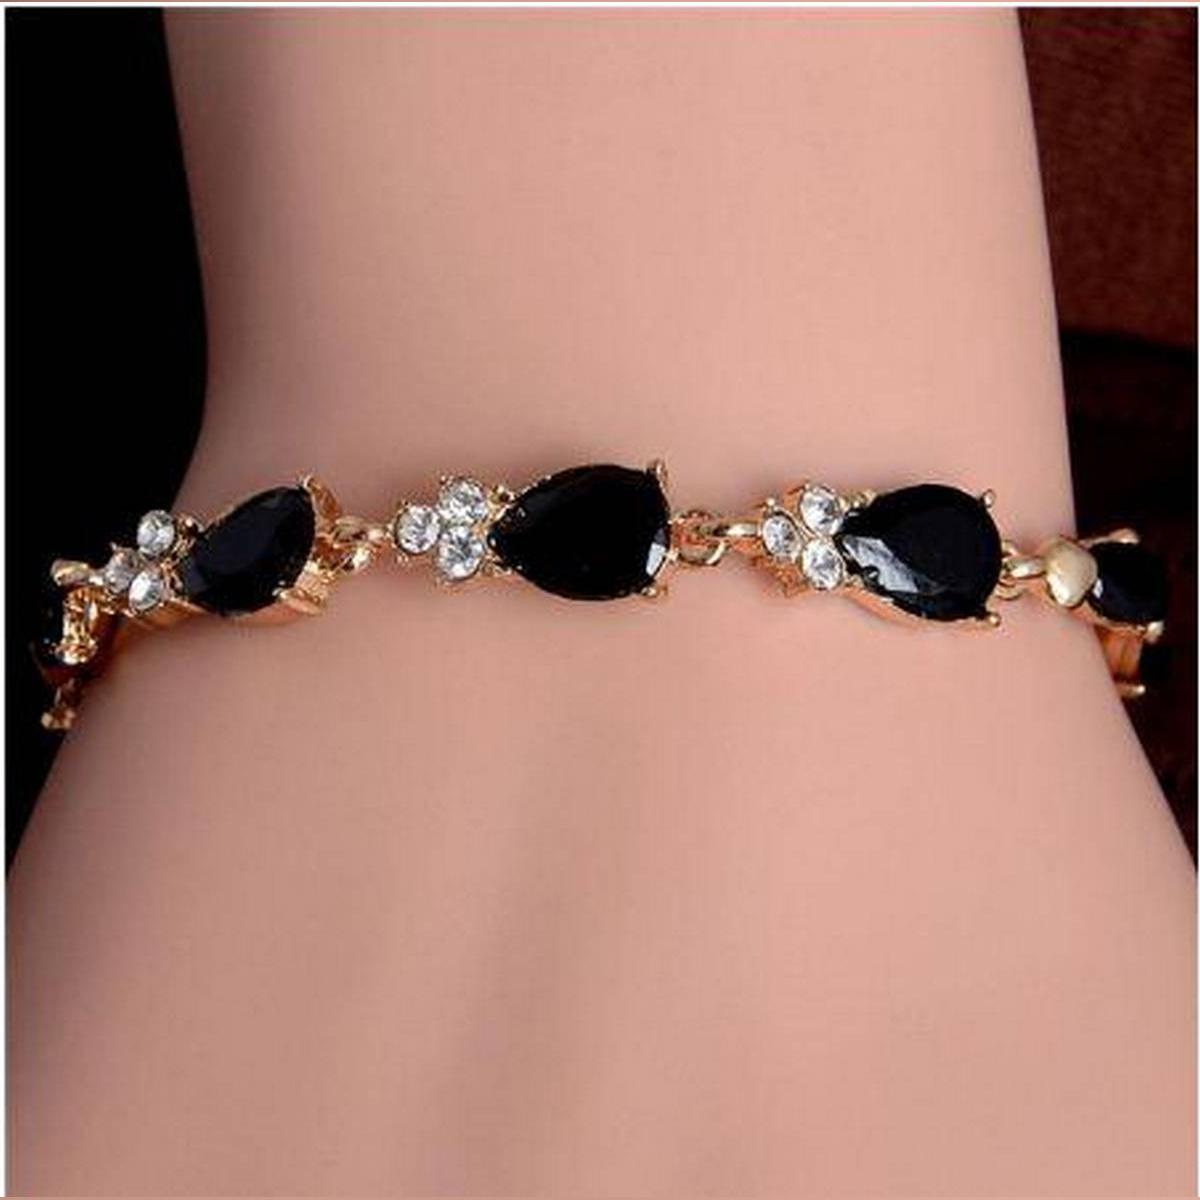 girls Bracelets Ladies women Female Bracelets Casual Fashion Fine Jewelry Bracelets Love Romantic Beautiful Water drop Austrian Crystal Bracelet For Women Wedding Party Jewelry